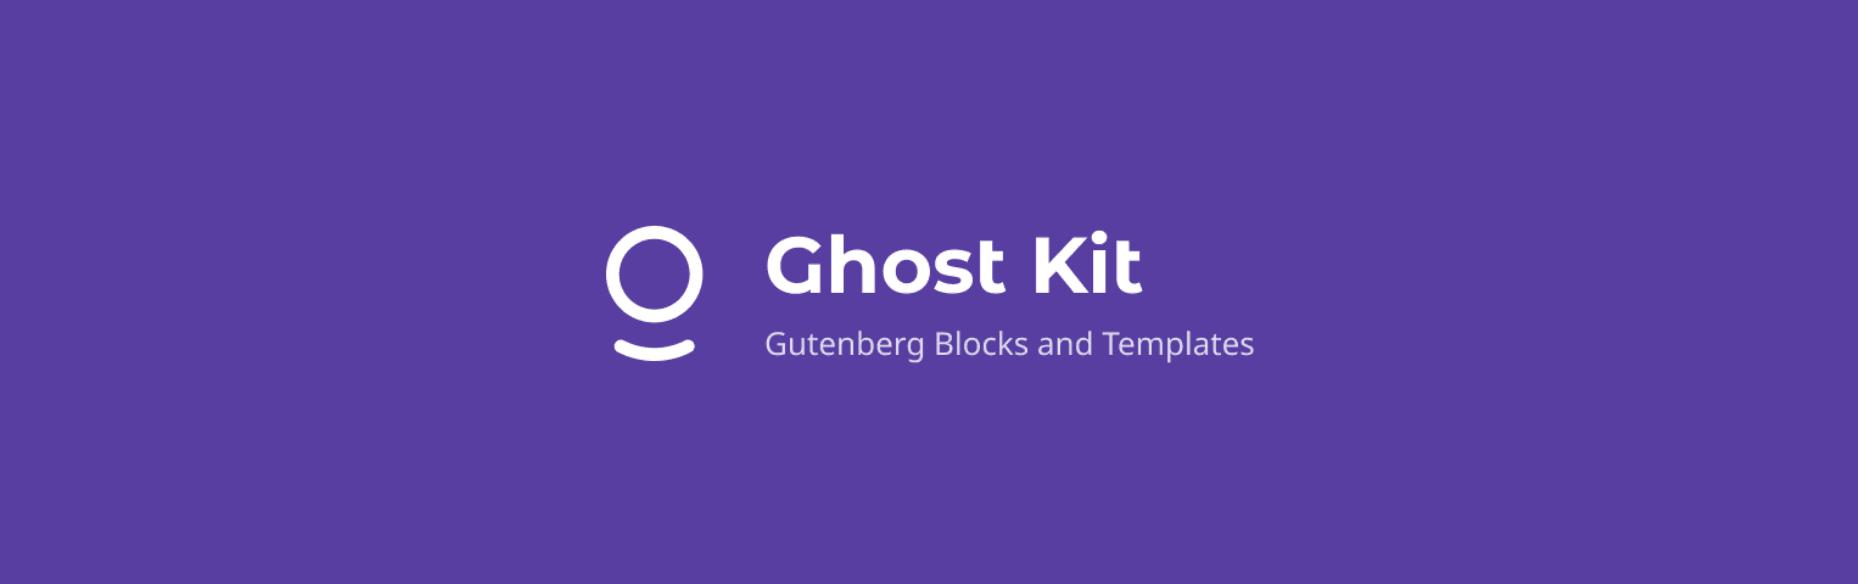 Ghost Kit part 2: Extending Gutenberg